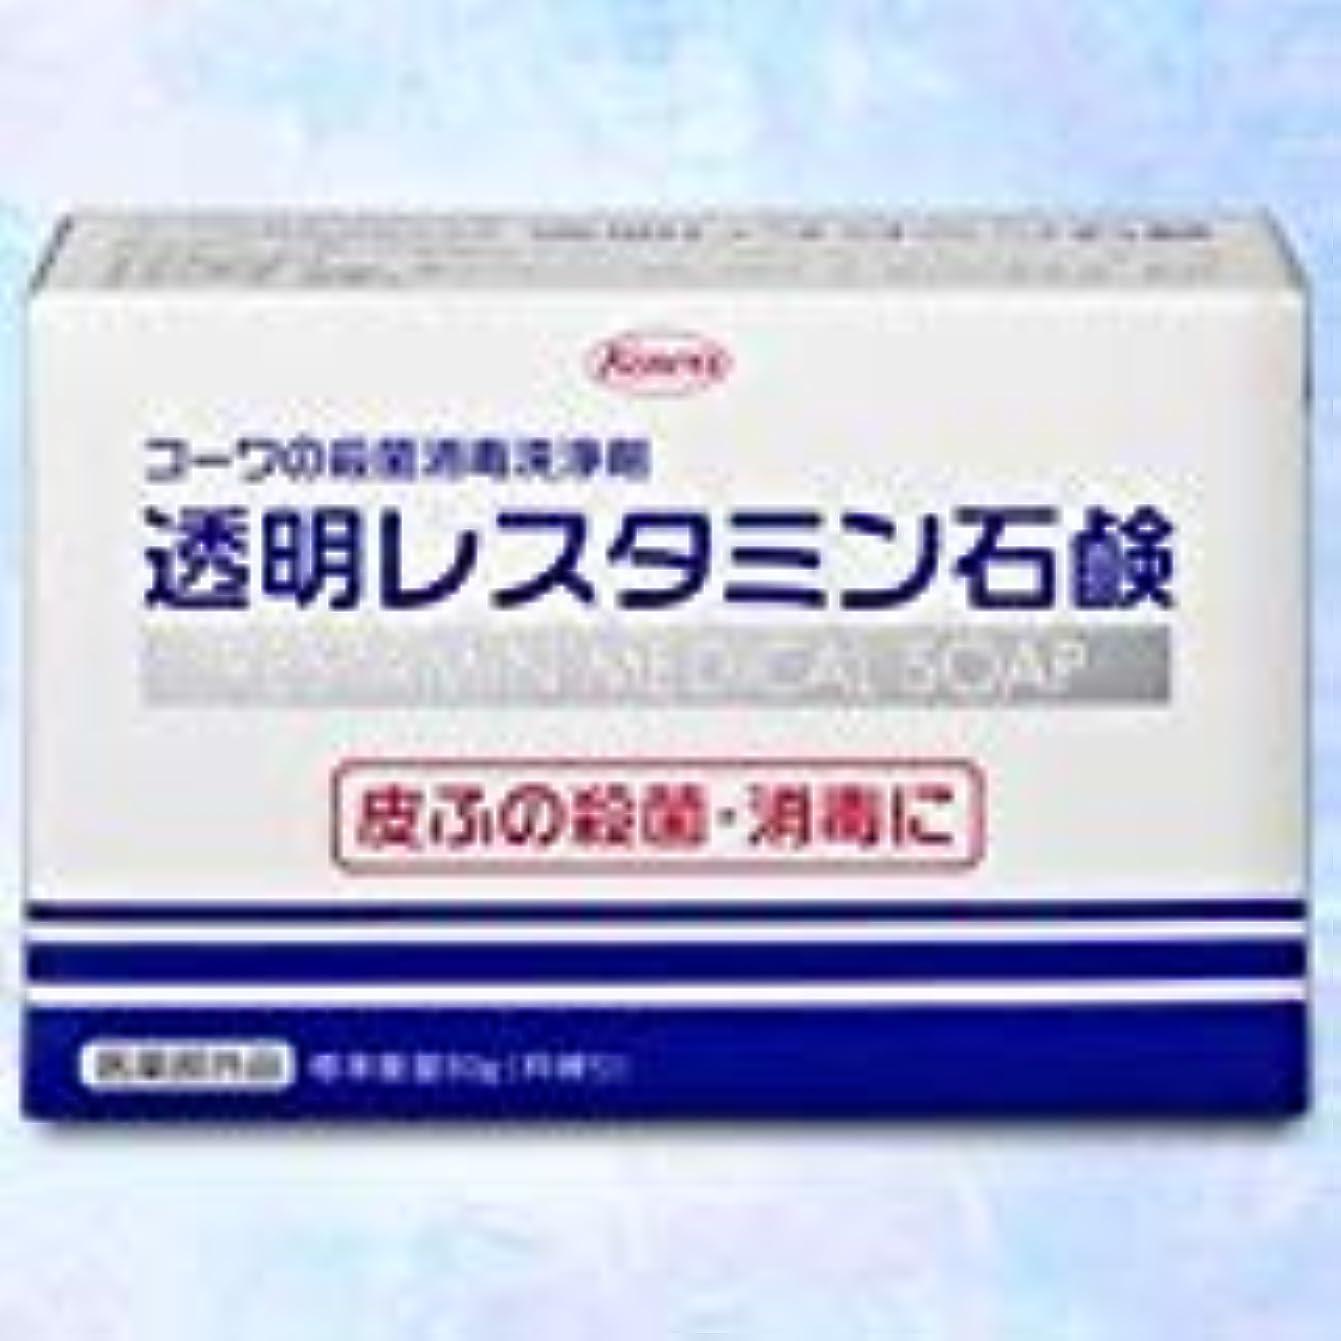 ブラウス流出好奇心盛【興和】コーワの殺菌消毒洗浄剤「透明レスタミン石鹸」80g(医薬部外品) ×3個セット